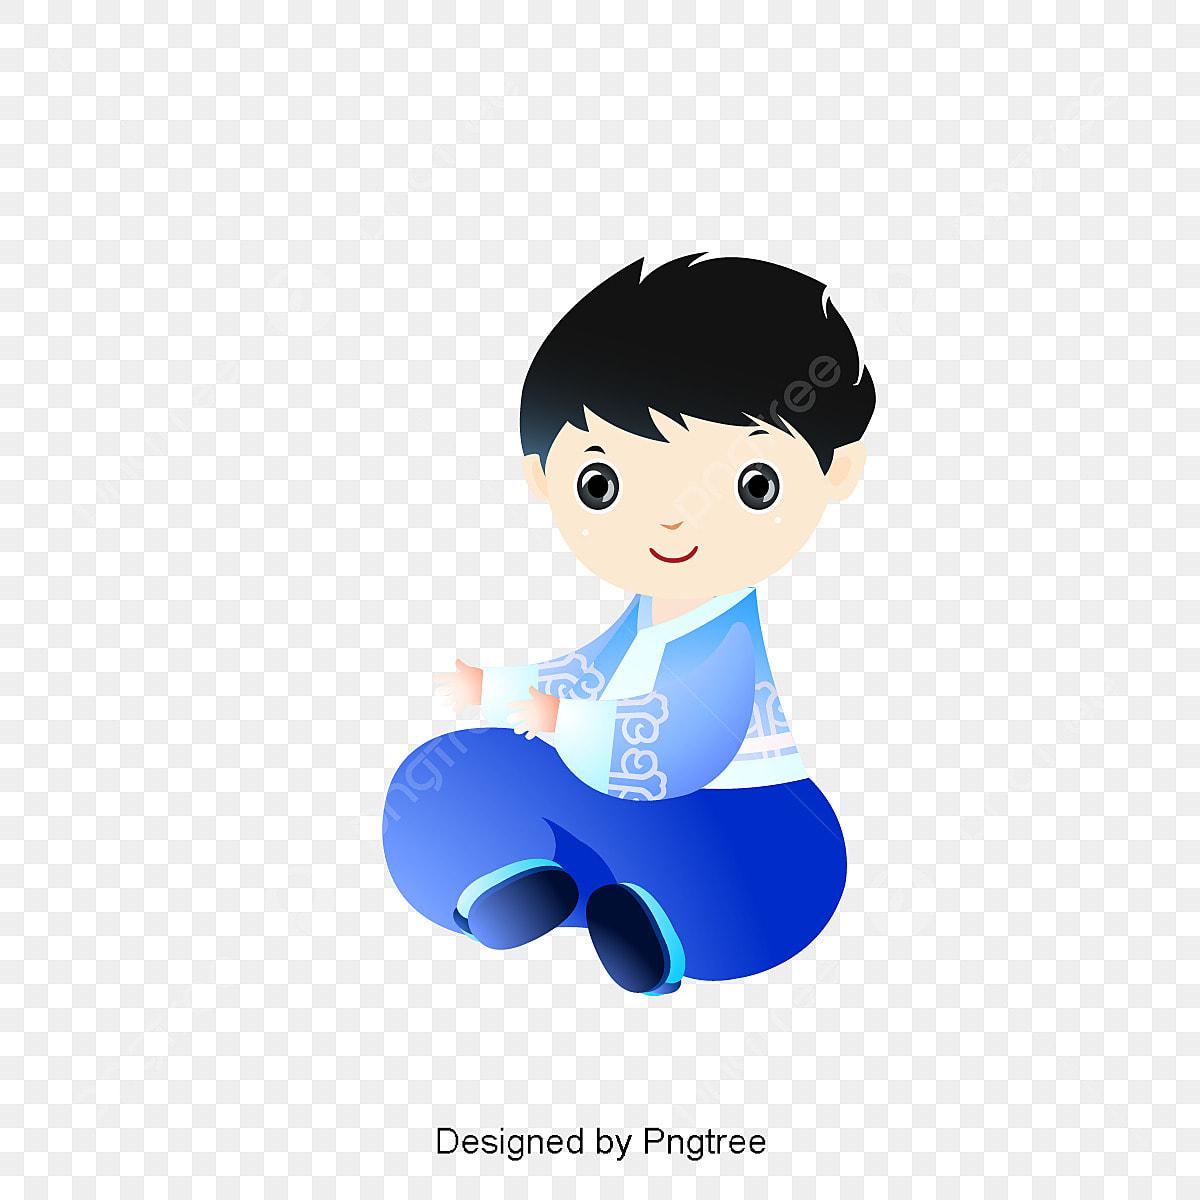 Gambar Kartun Anak Laki Laki Memakai Korea Pakaian Bentuk Anak Laki Laki Kartun Anak Laki Laki Gambar Kartun Png Dan Vektor Untuk Muat Turun Percuma